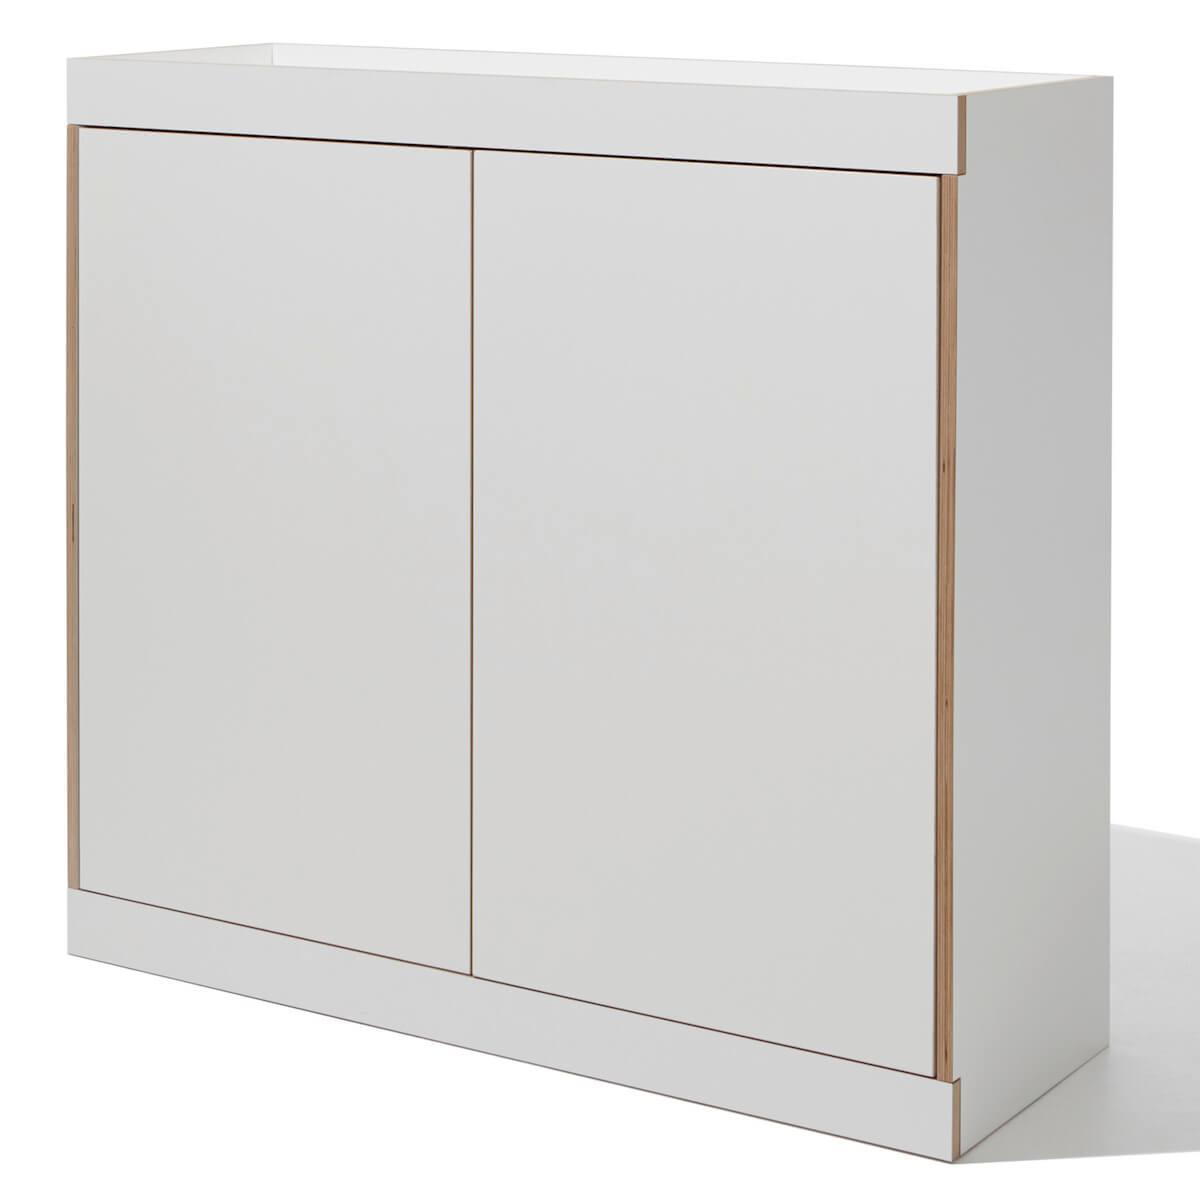 Commode 2 portes FLAI Mueller blanc-bouleau